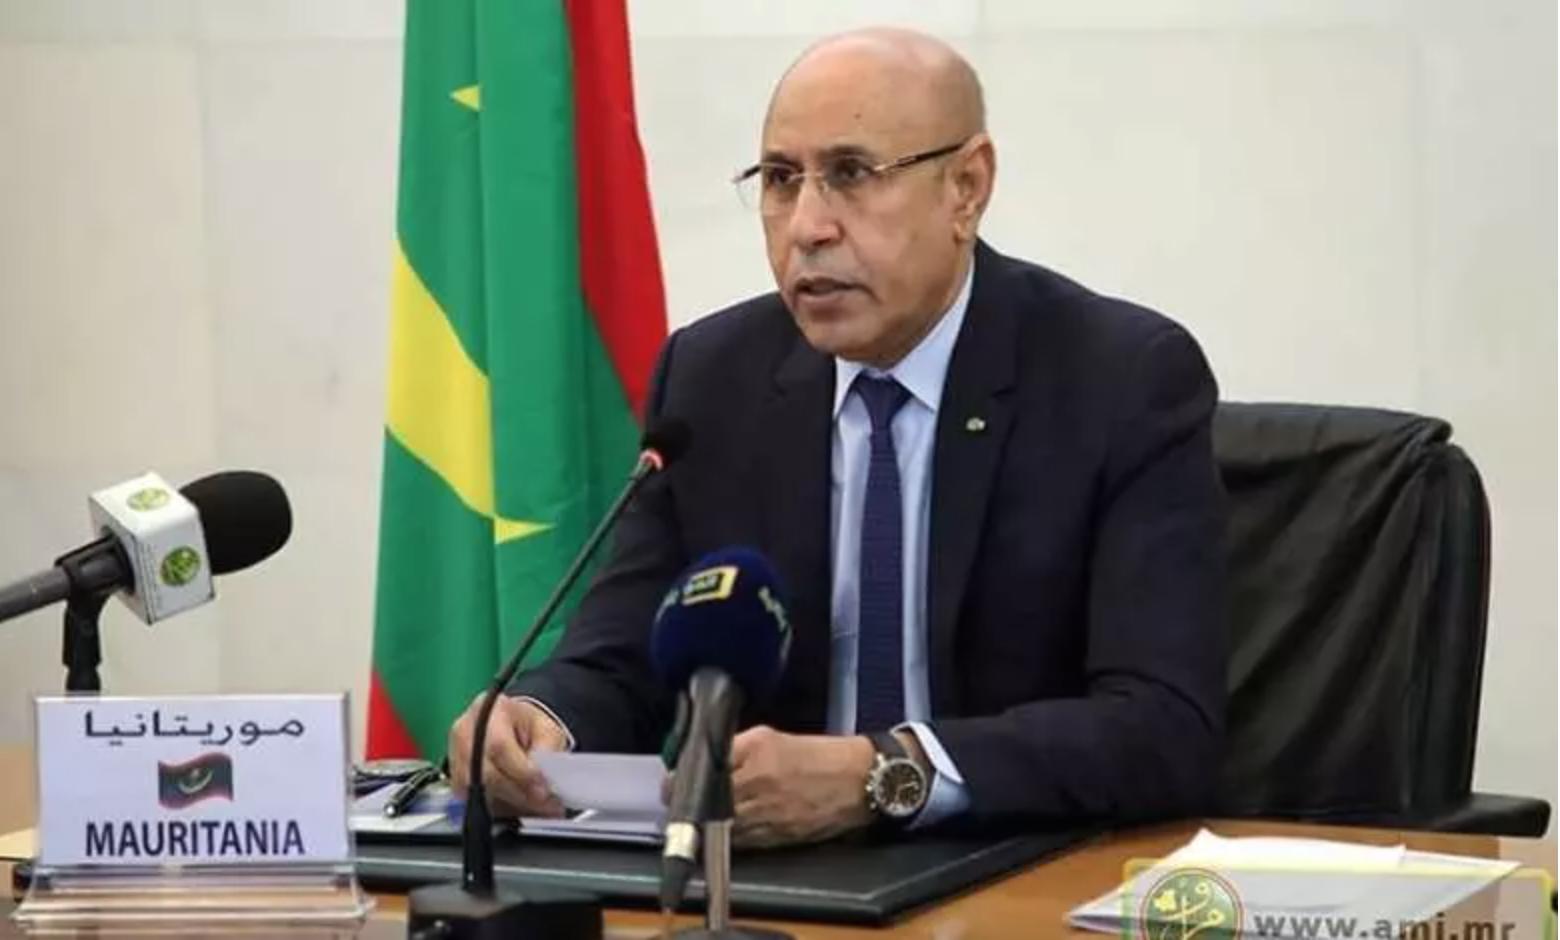 Entretiens présidentiels après l'enlèvement de deux mauritaniens sur un chantier au Mali